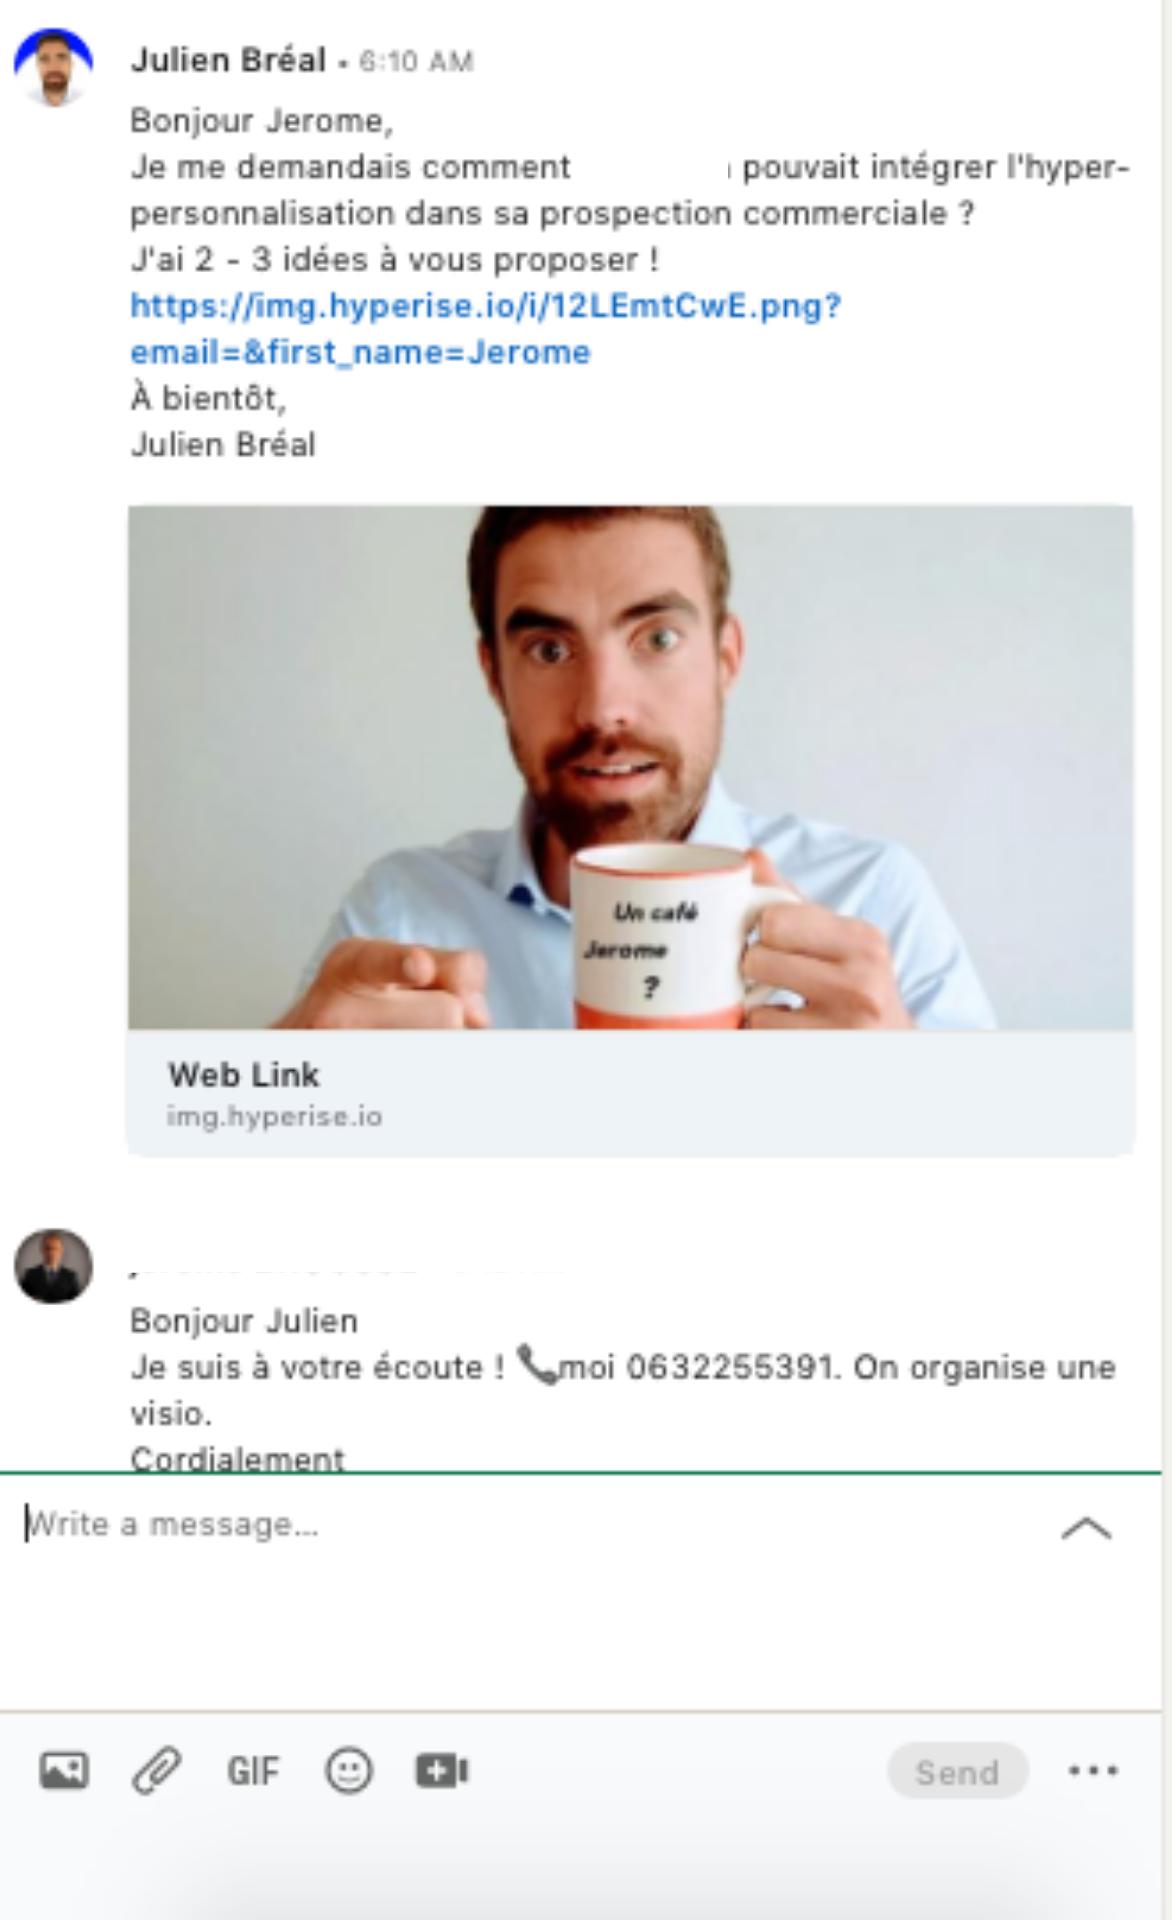 methode generer RDV avec Linkedin